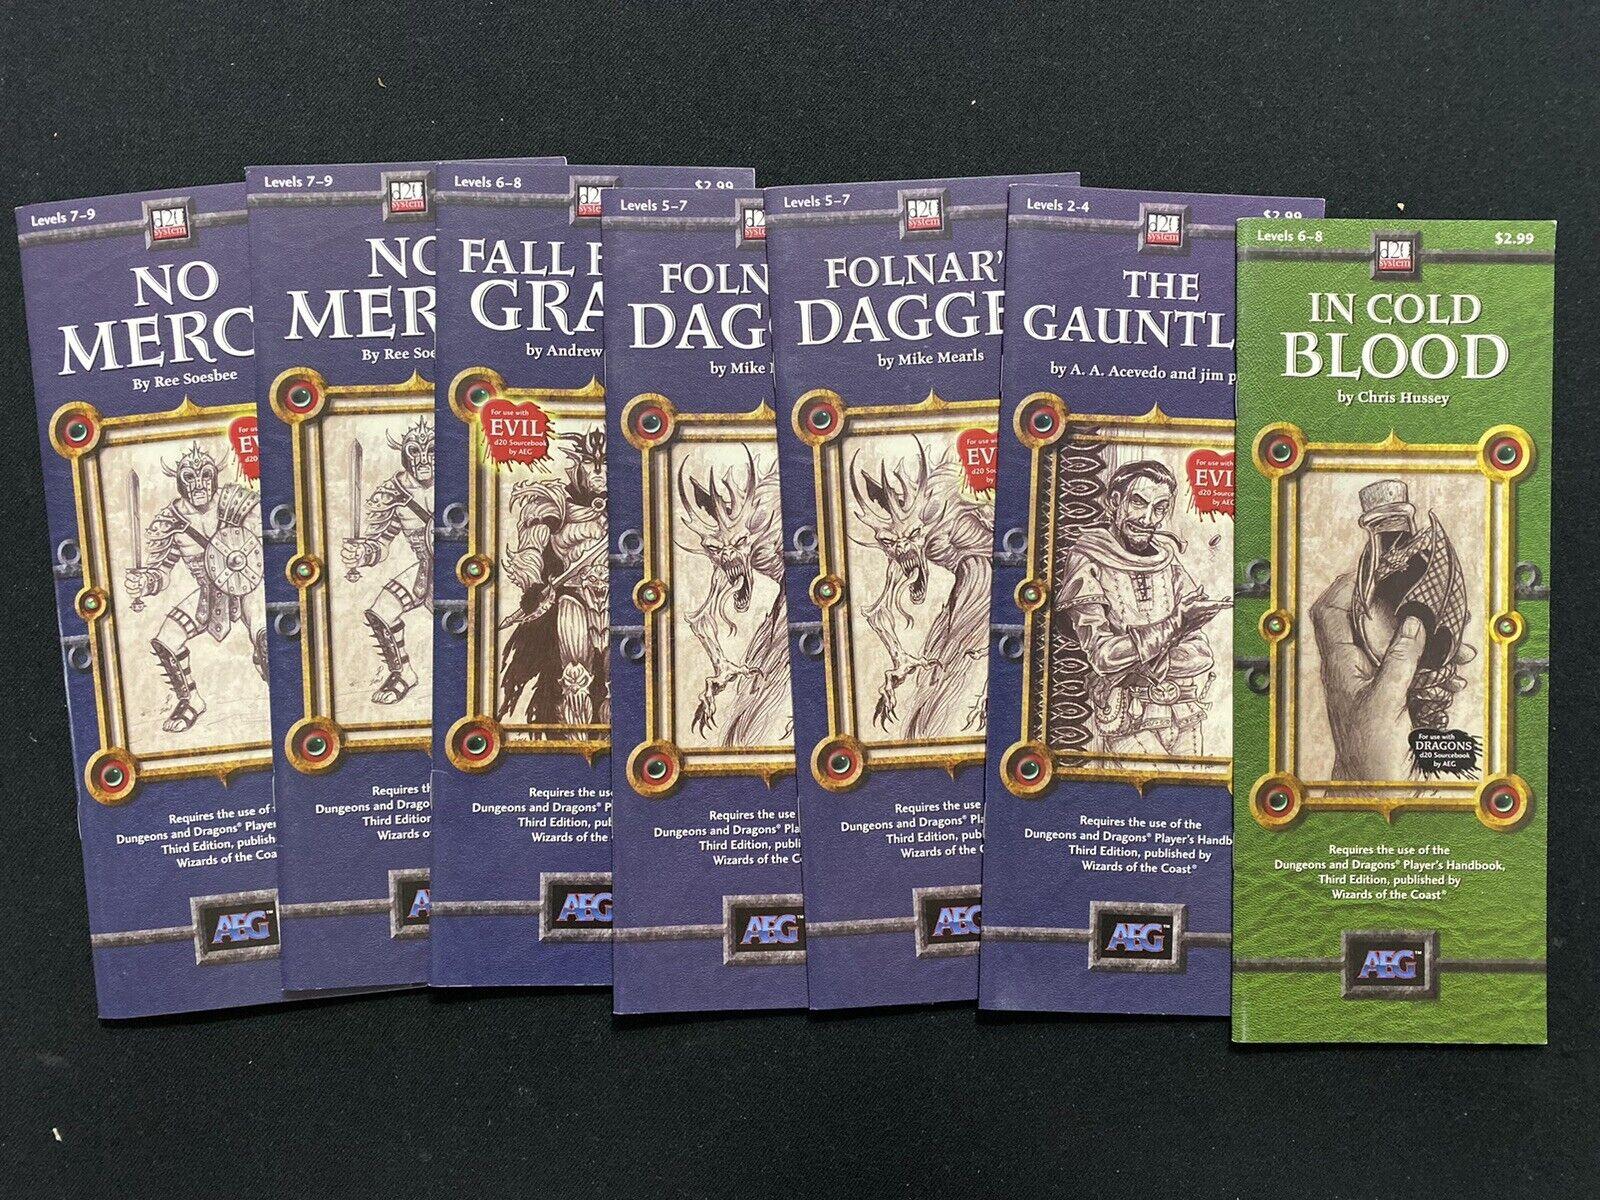 AEG d20 sistema Jugarbook Lote-a sangre fría, sin piedad, etc.